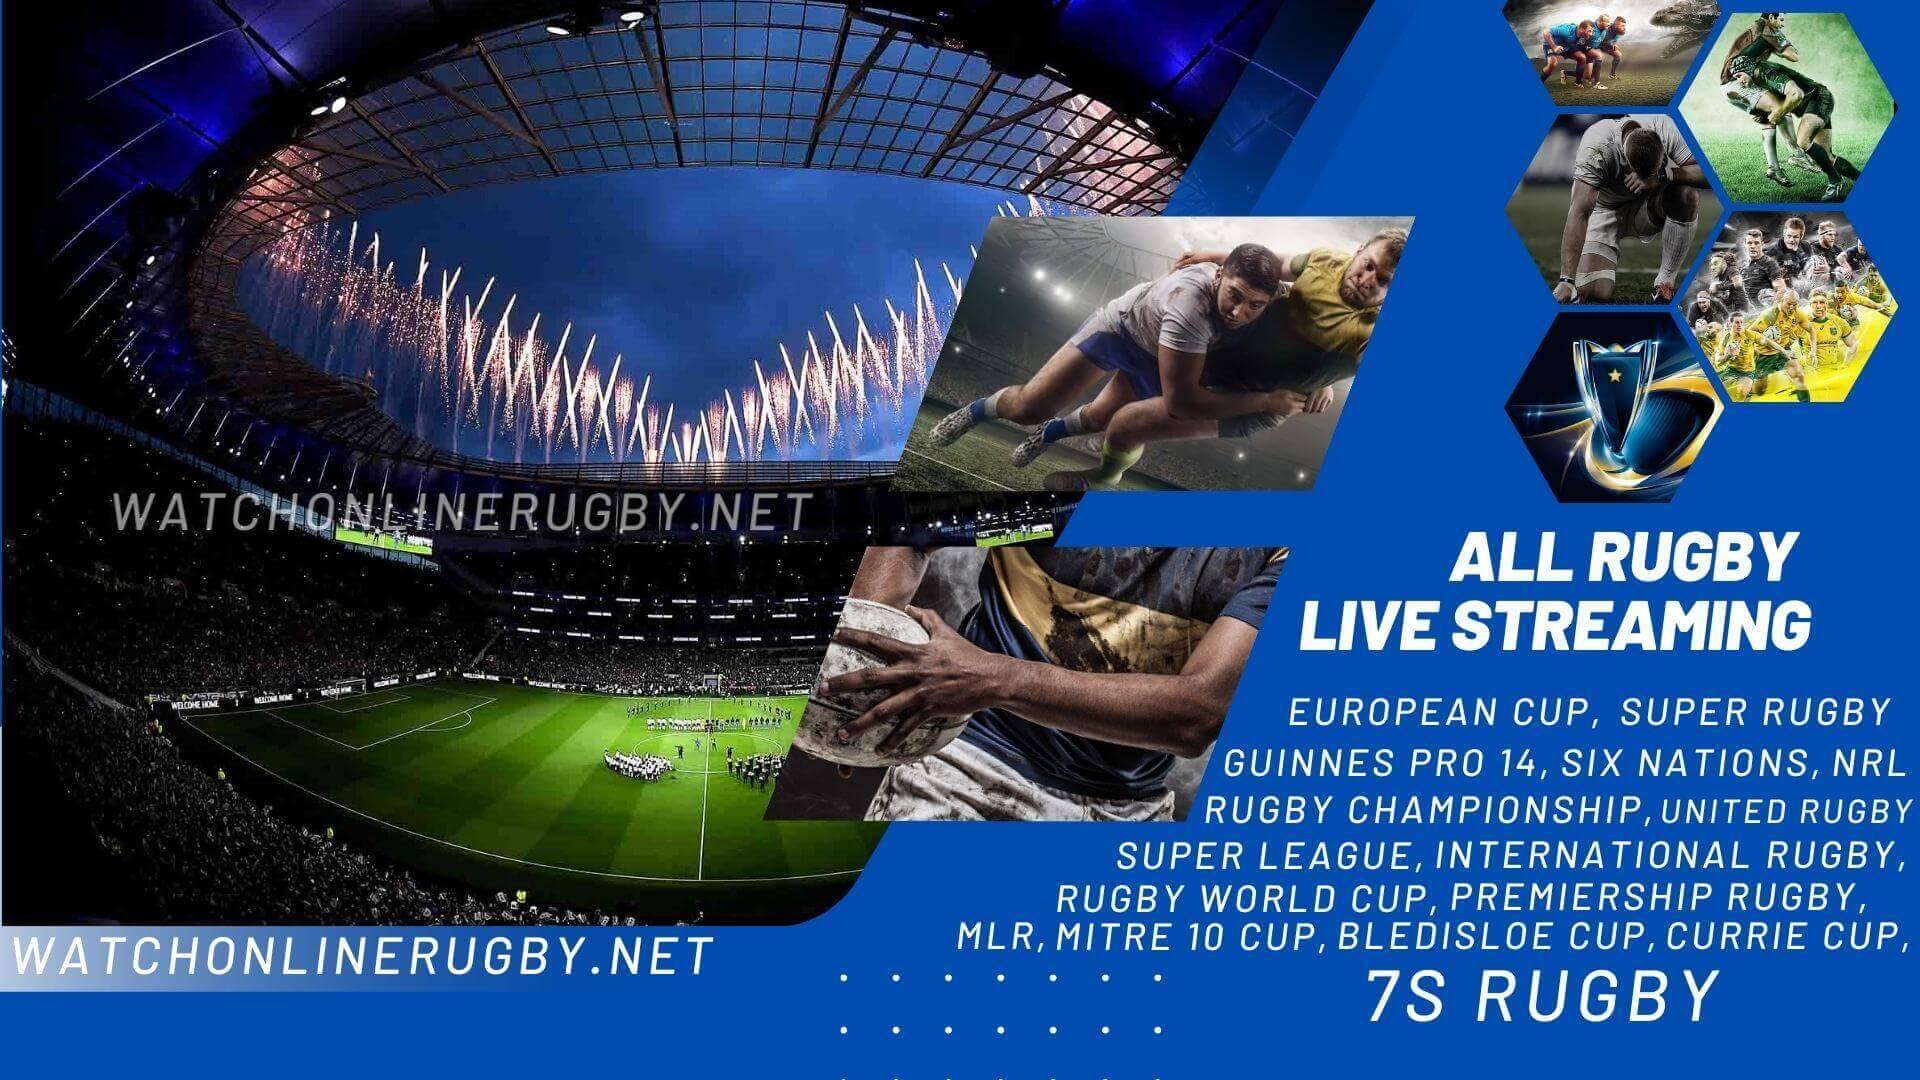 springboks-vs-wales-rugby-live